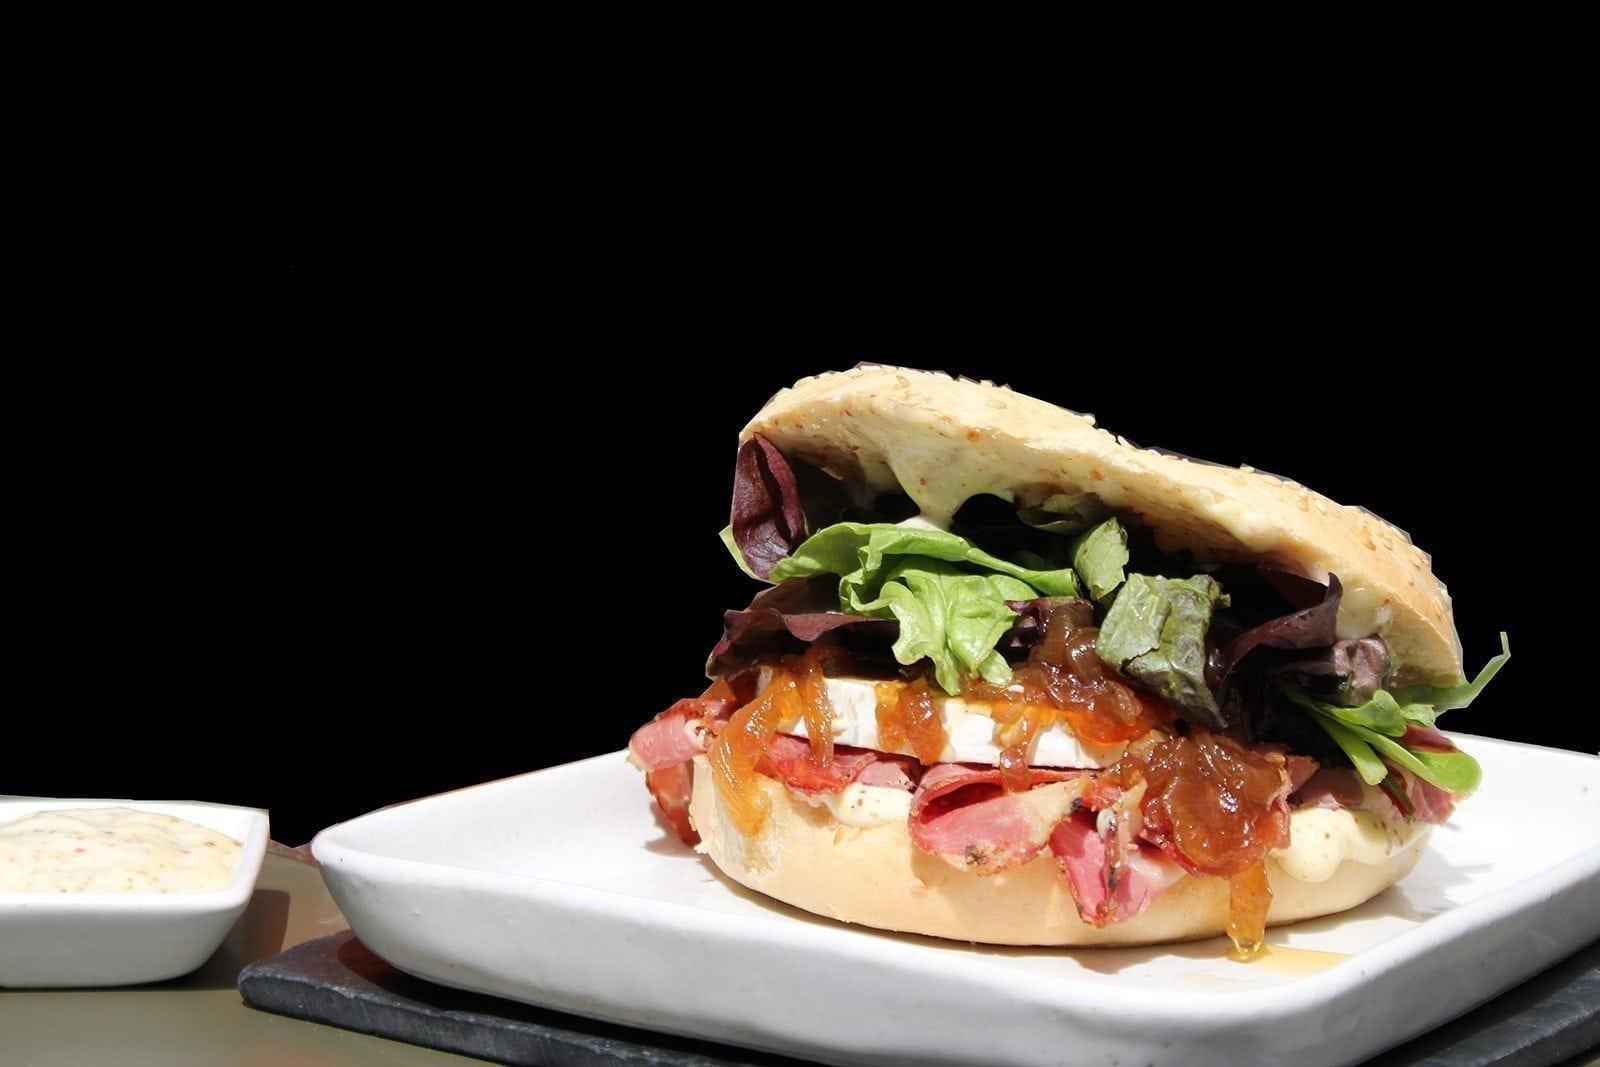 sandwich, el placer de comer con los dedos